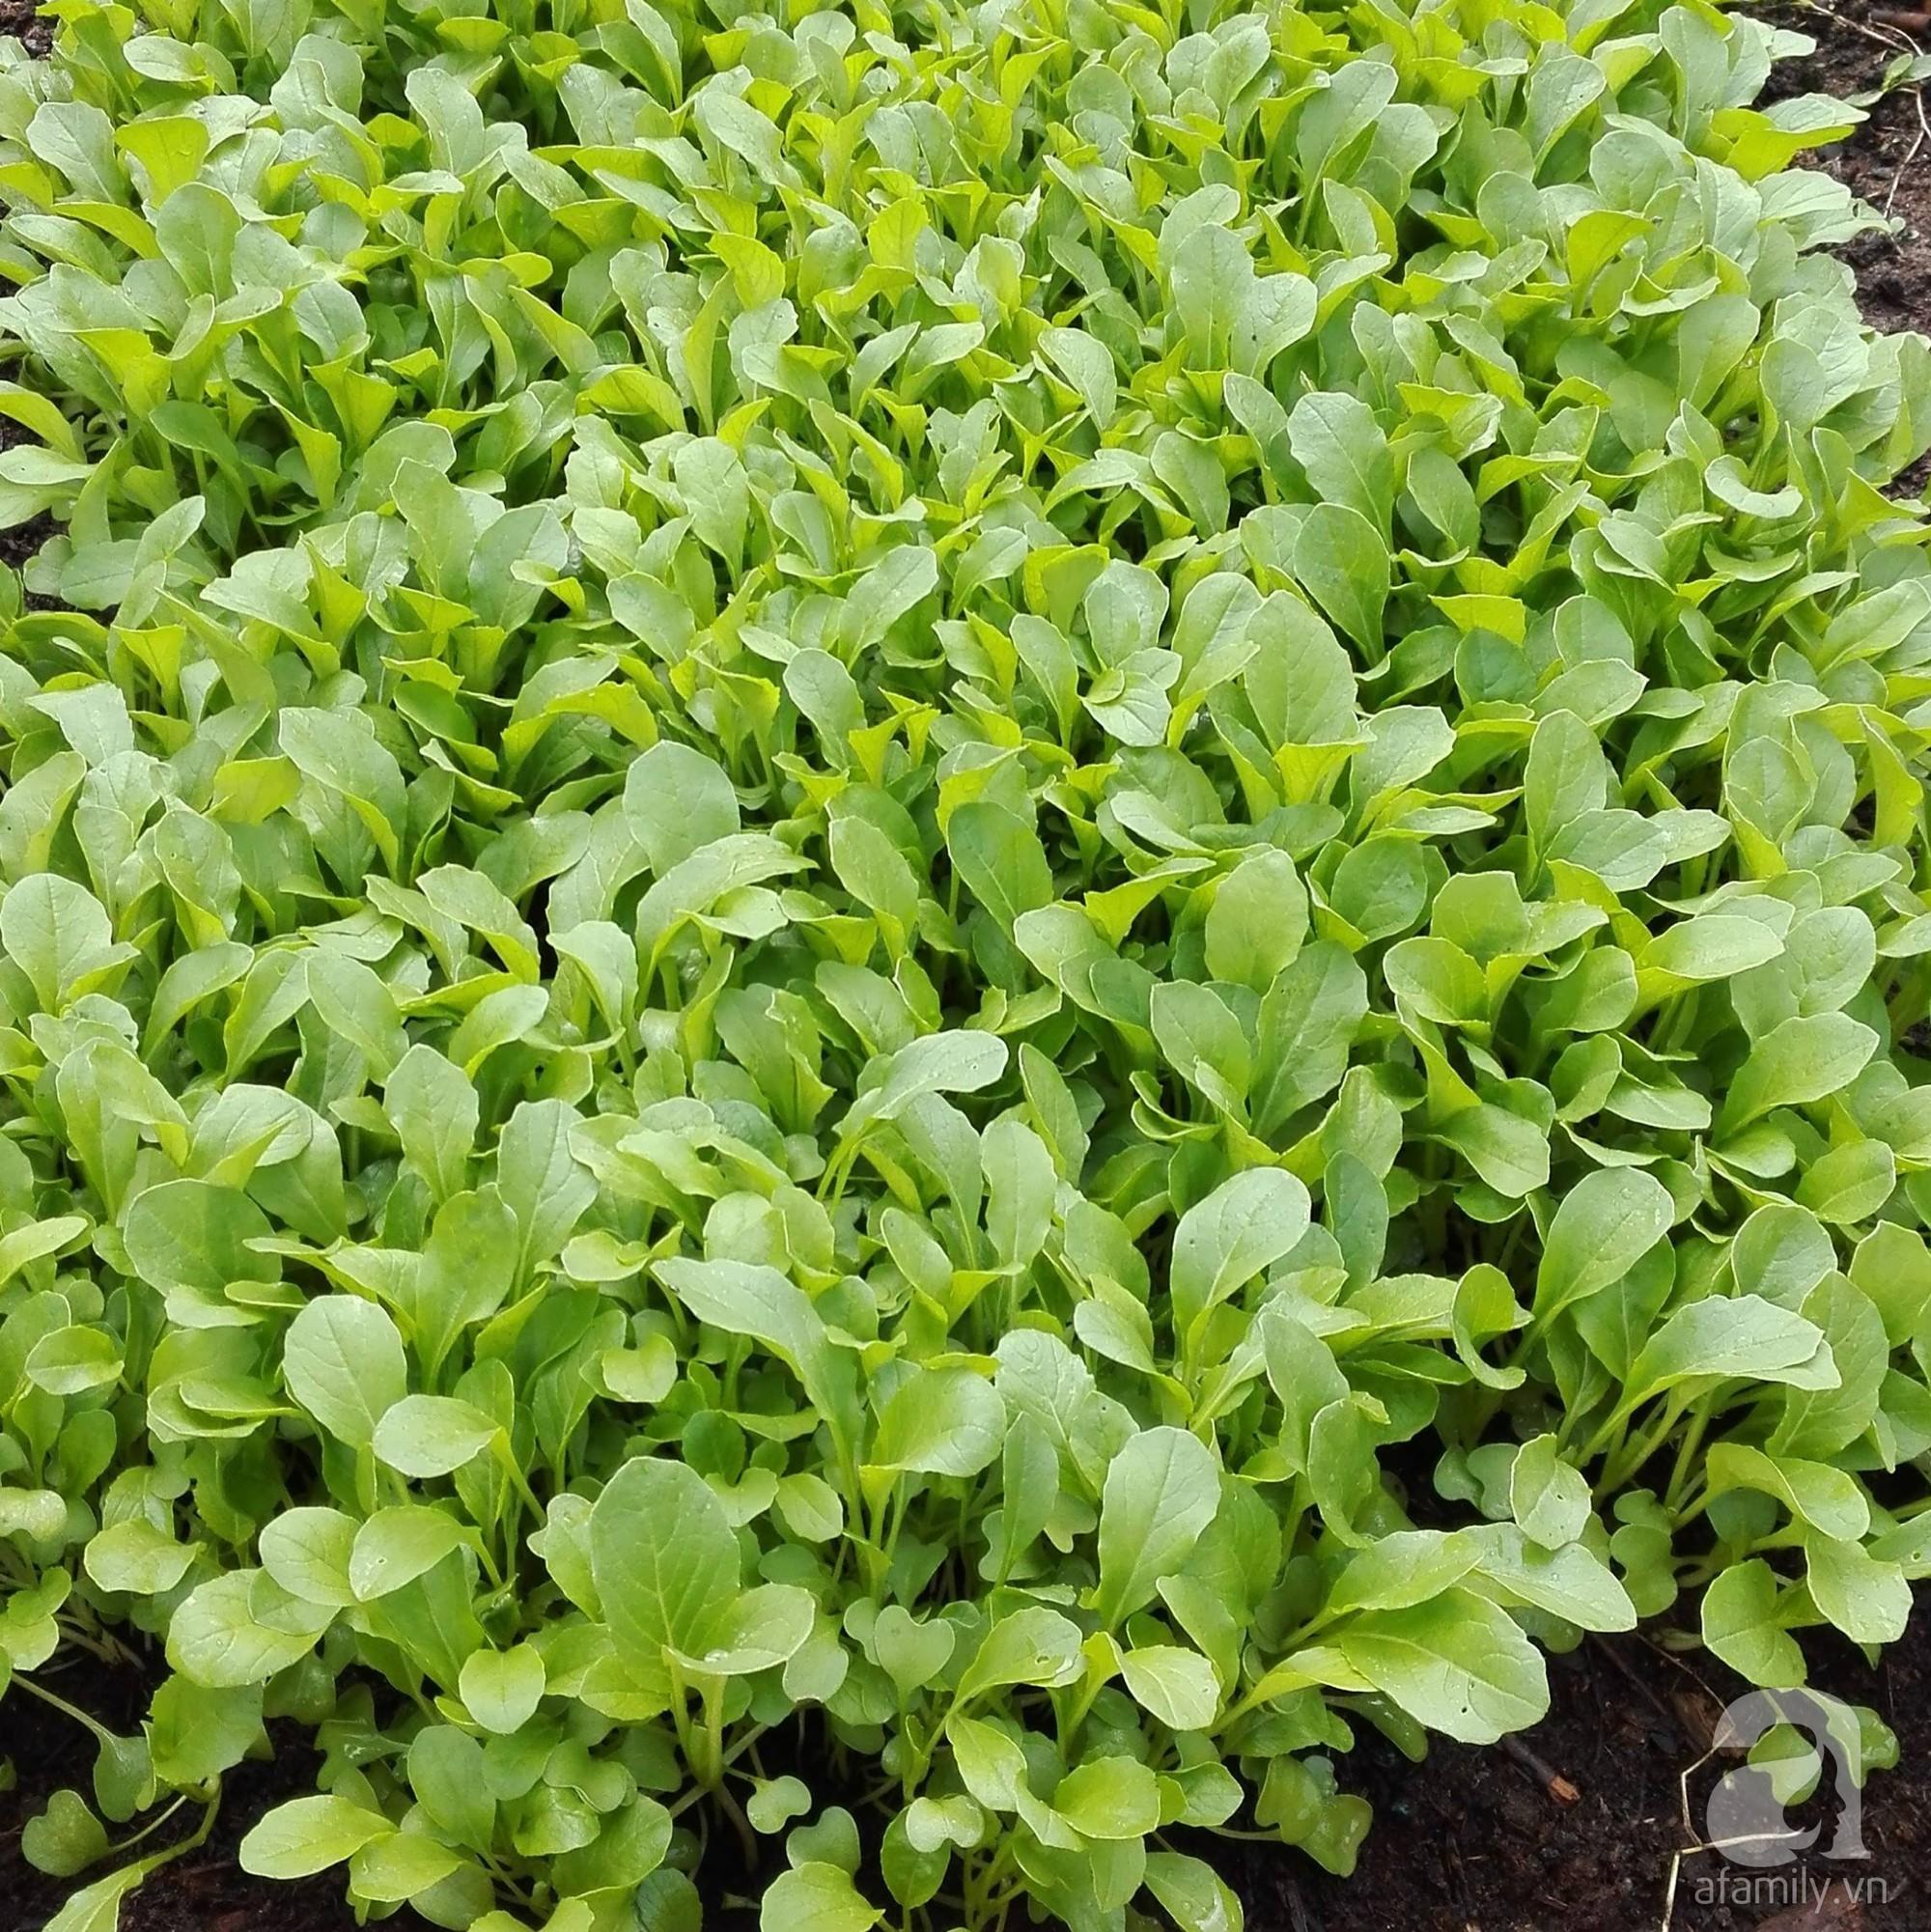 Choáng ngợp trước vườn rau sạch rộng 600m² với đủ rau trái Việt của bà mẹ trẻ ở nước ngoài - Ảnh 7.